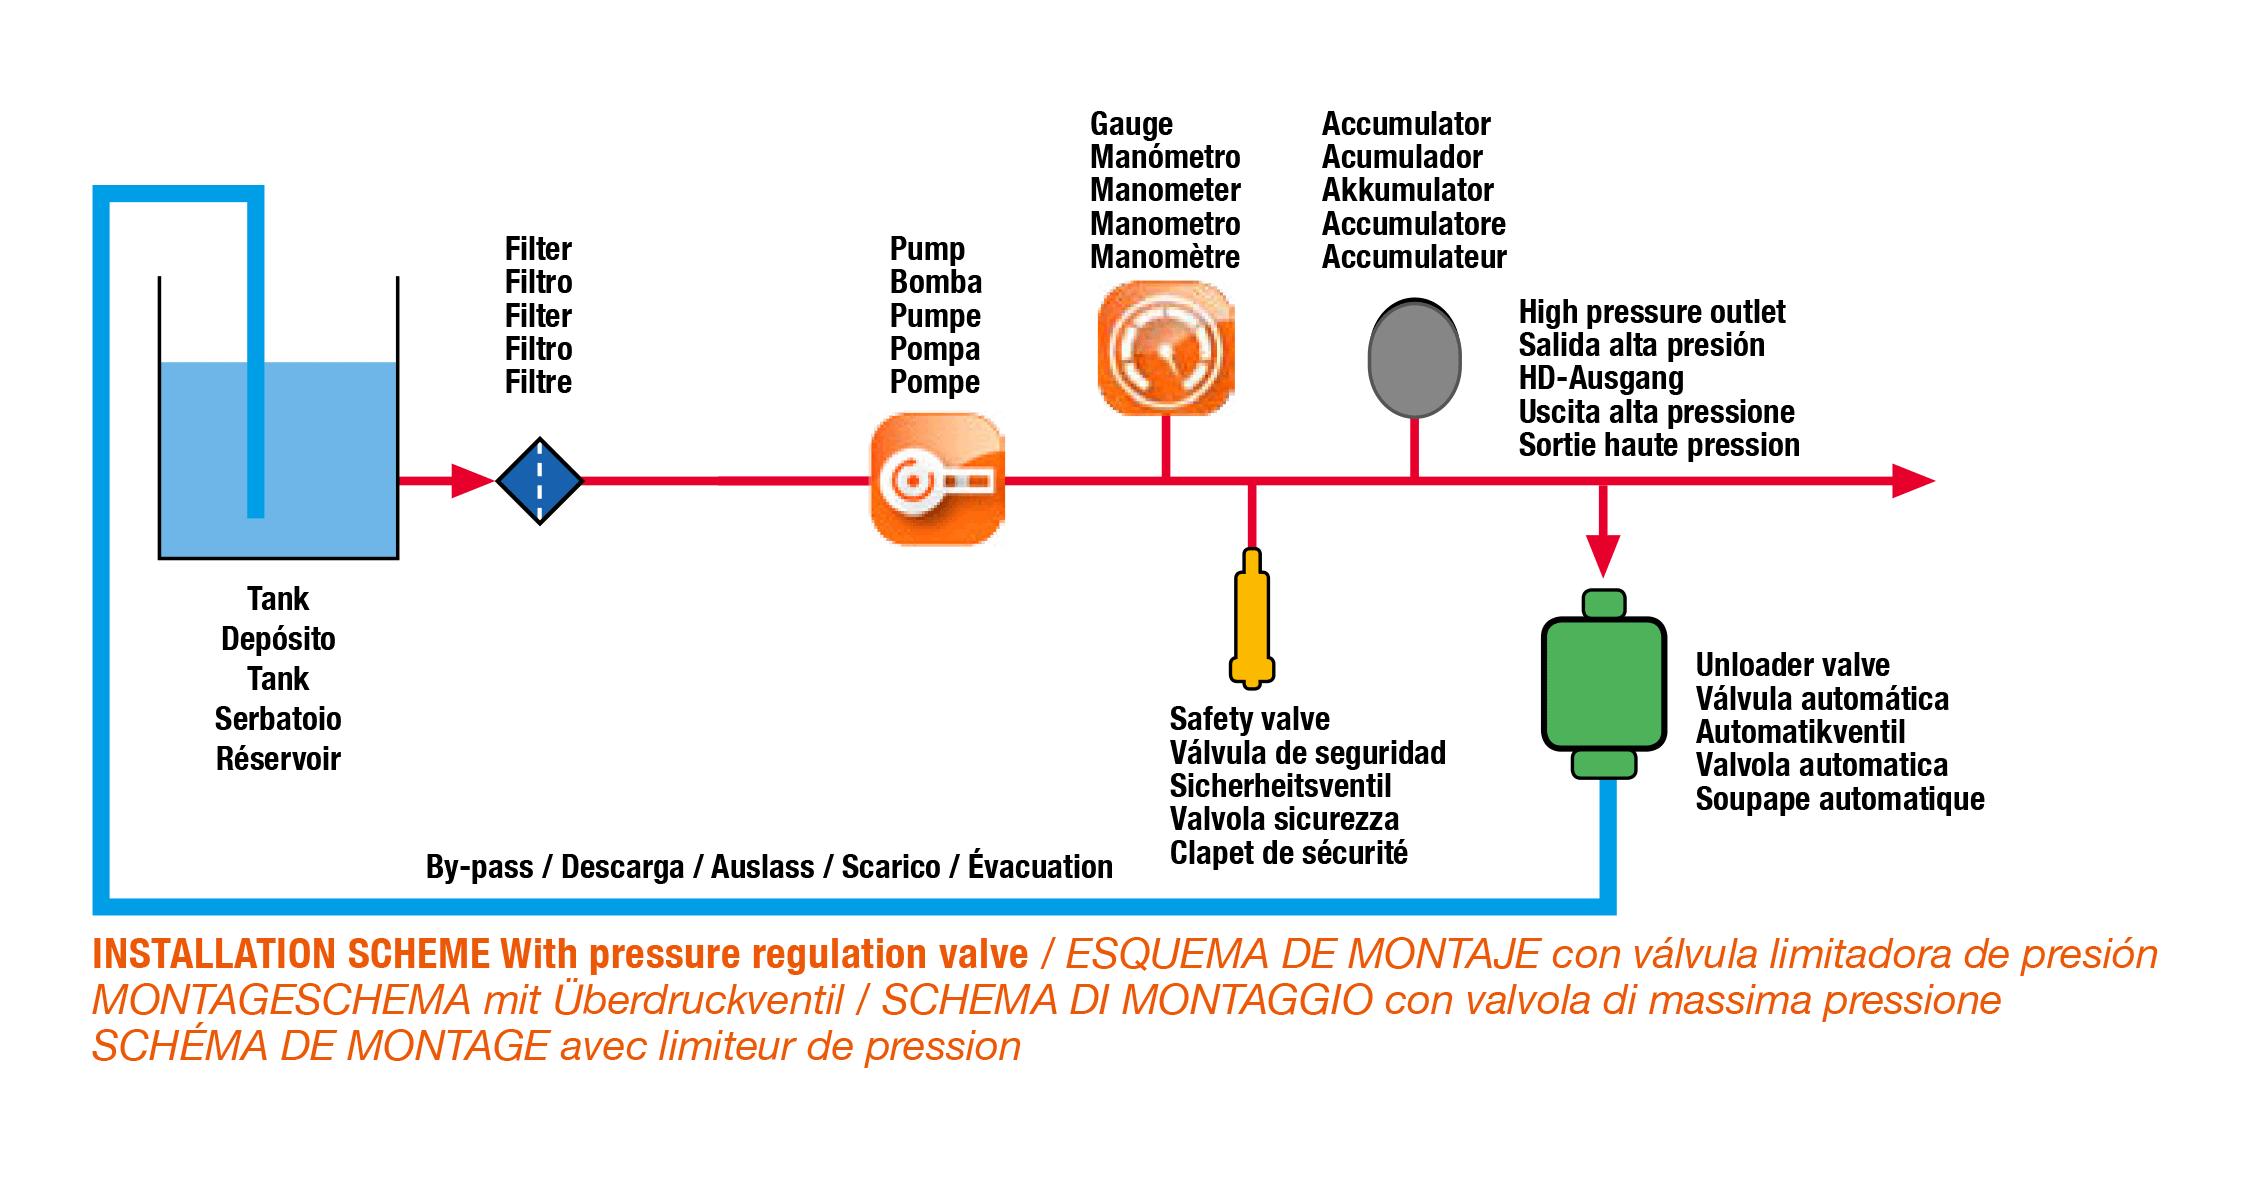 Installation scheme with pressure regolation hpp